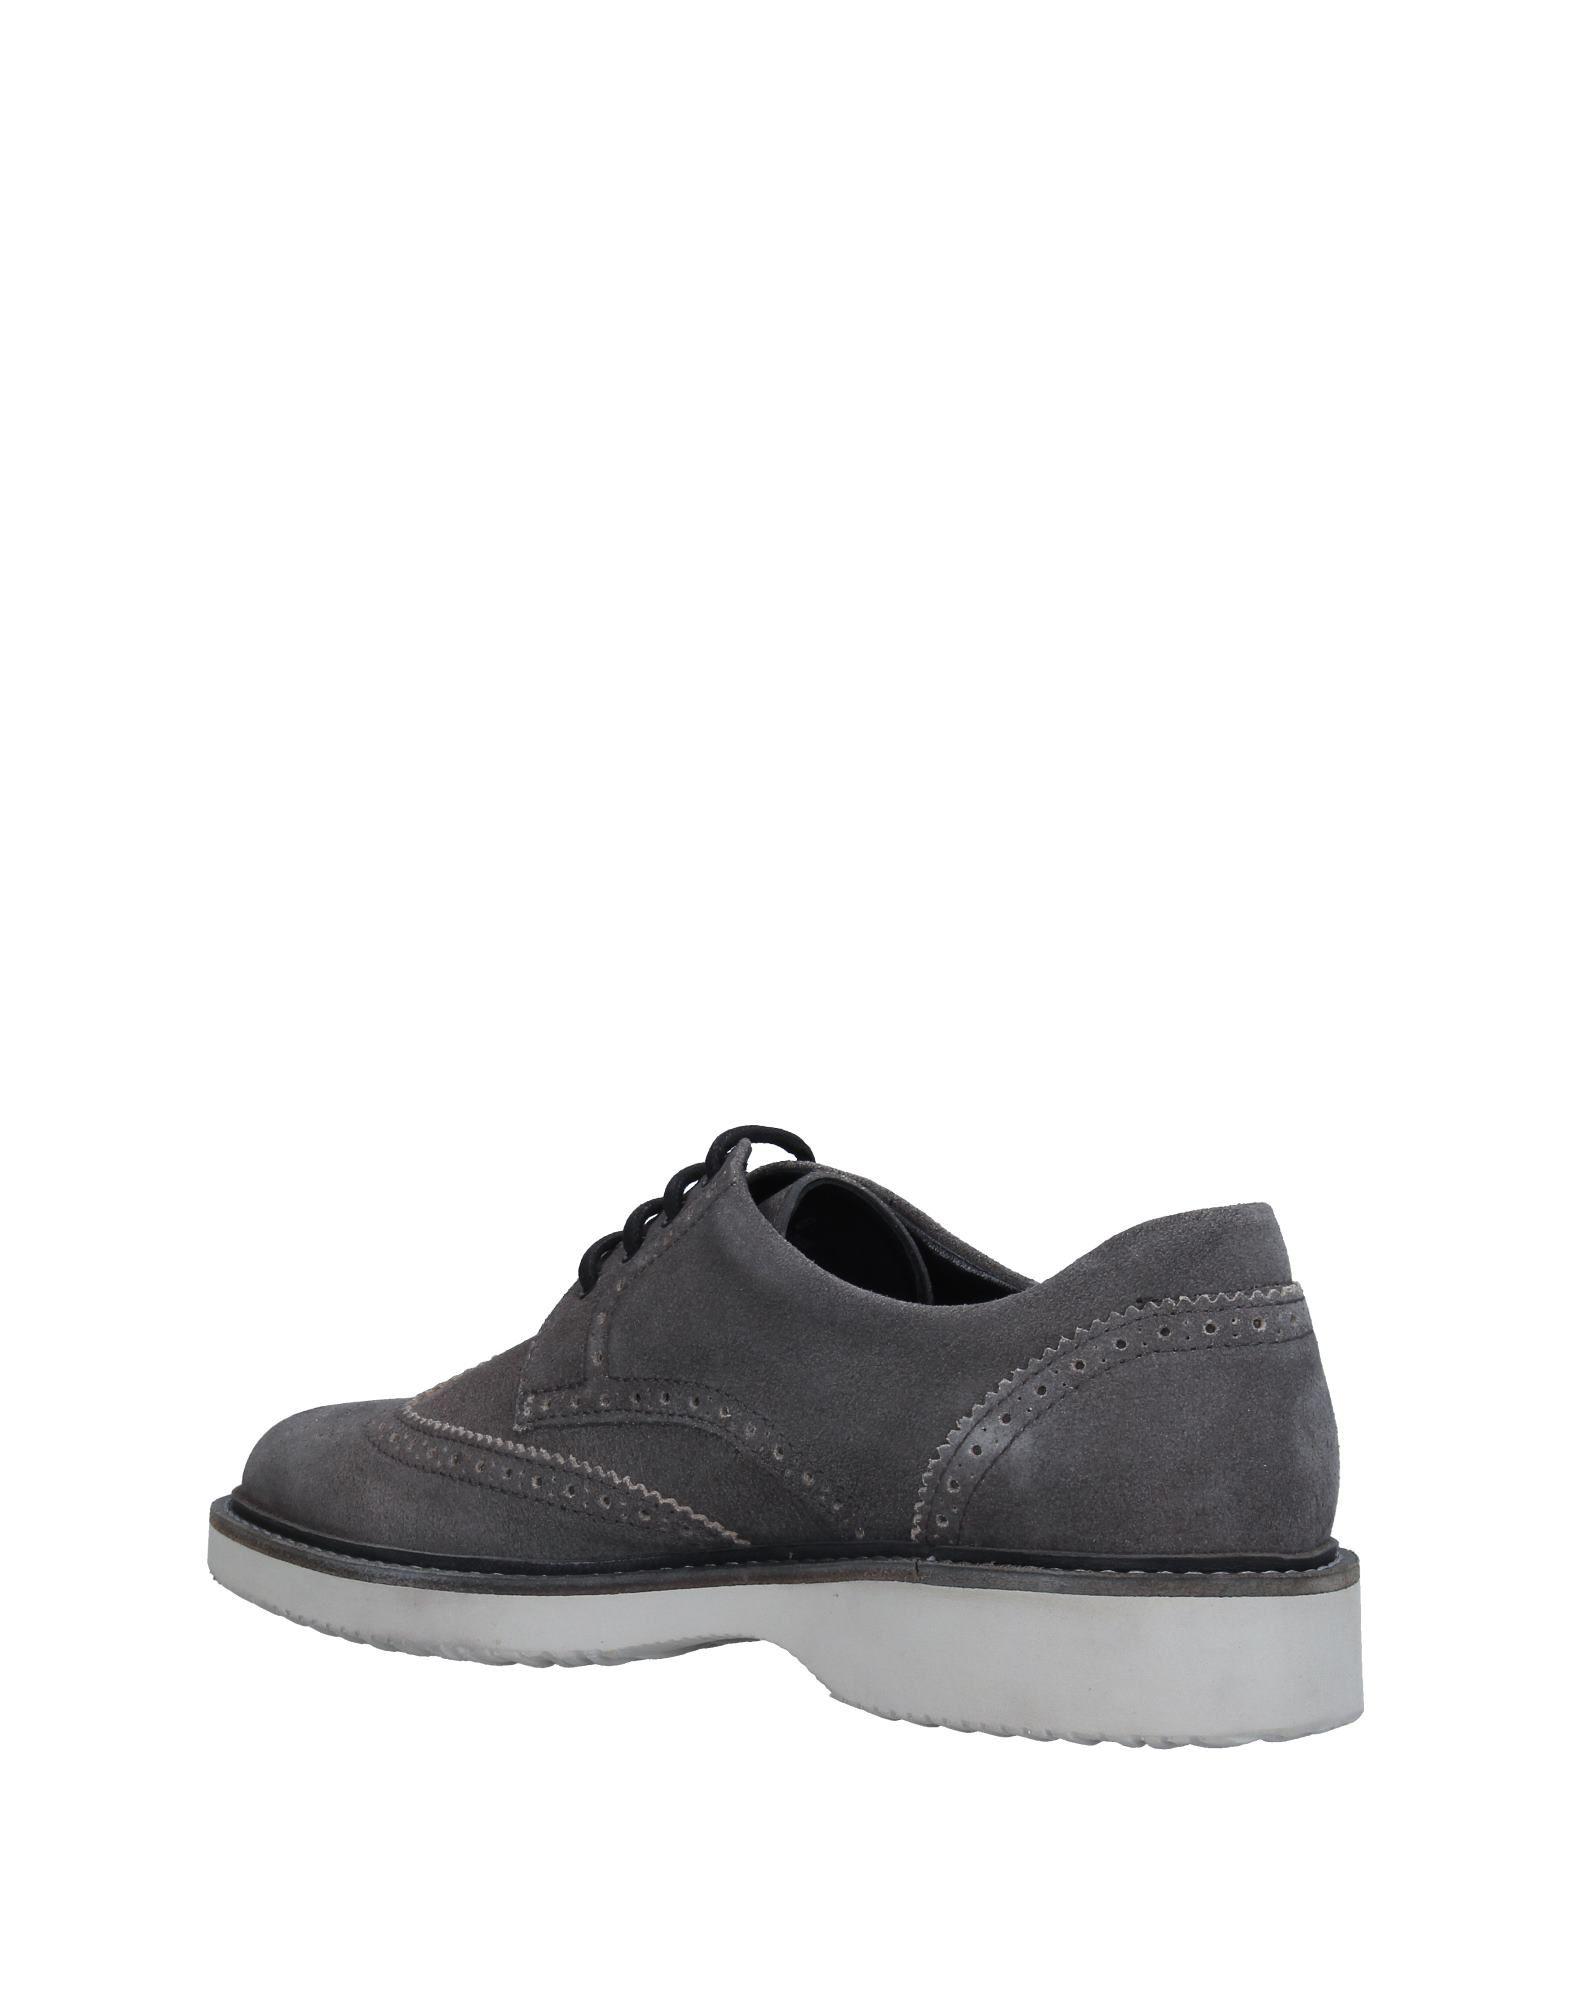 CHAUSSURES - Chaussures à lacetsHogan Recommande Pas Cher Fo8D2SdK8